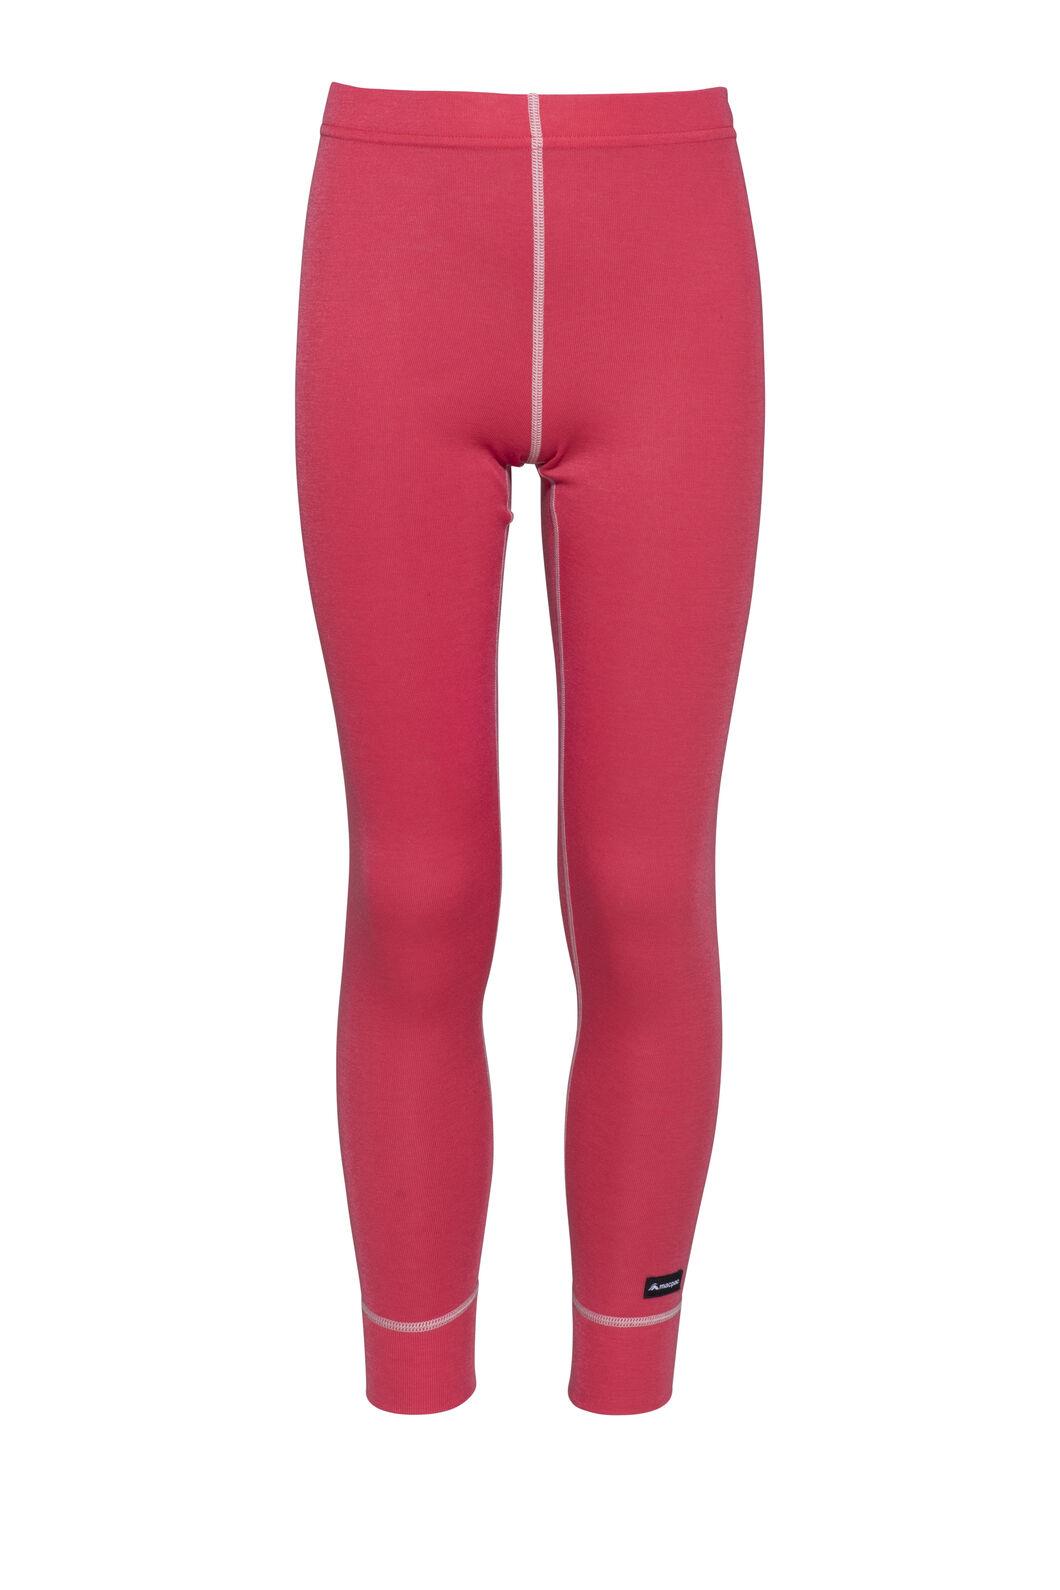 Macpac Geothermal Pants - Kids', Rouge Red, hi-res